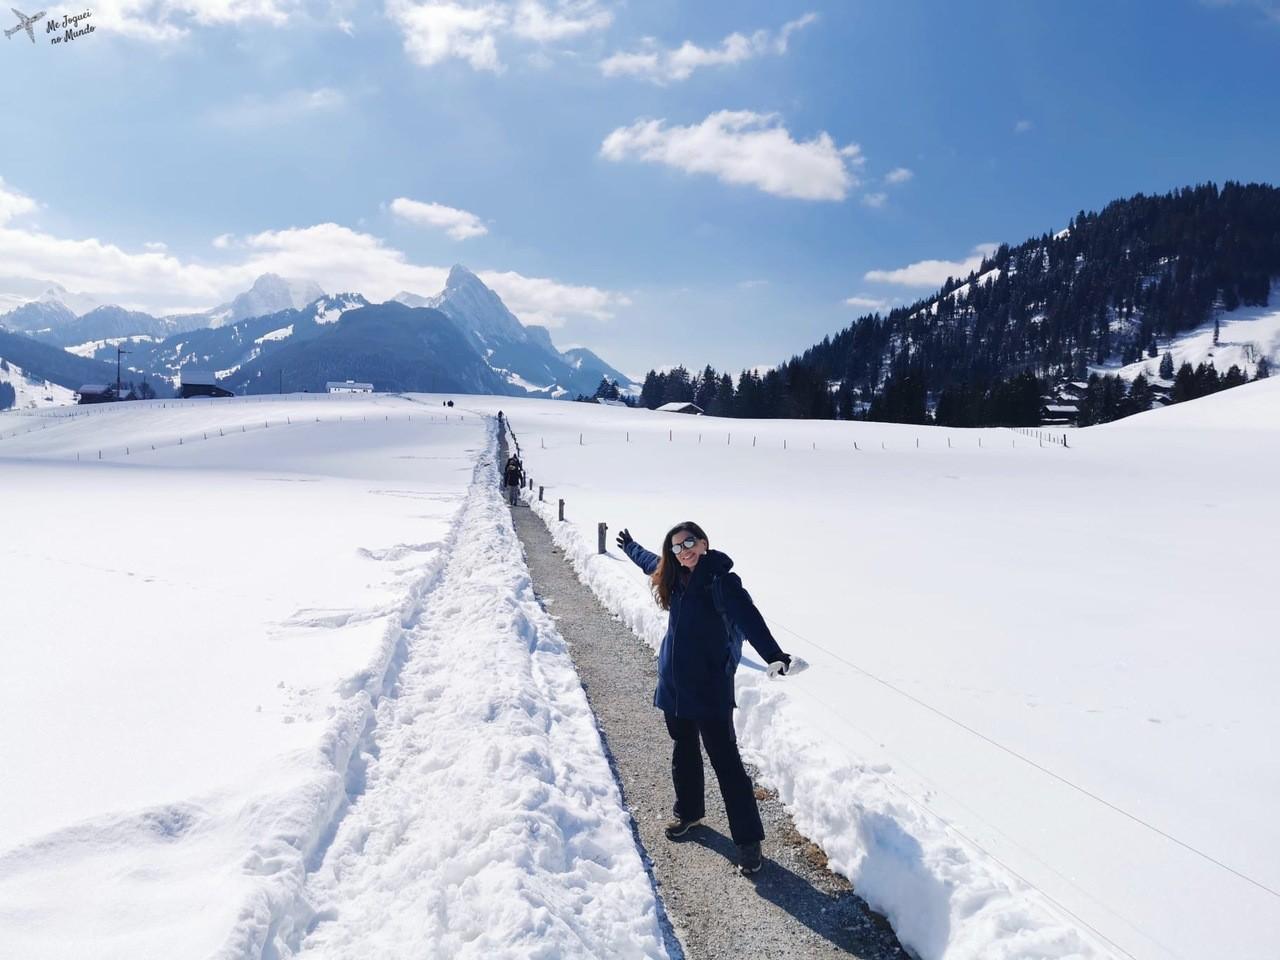 trilha schönried gstaad